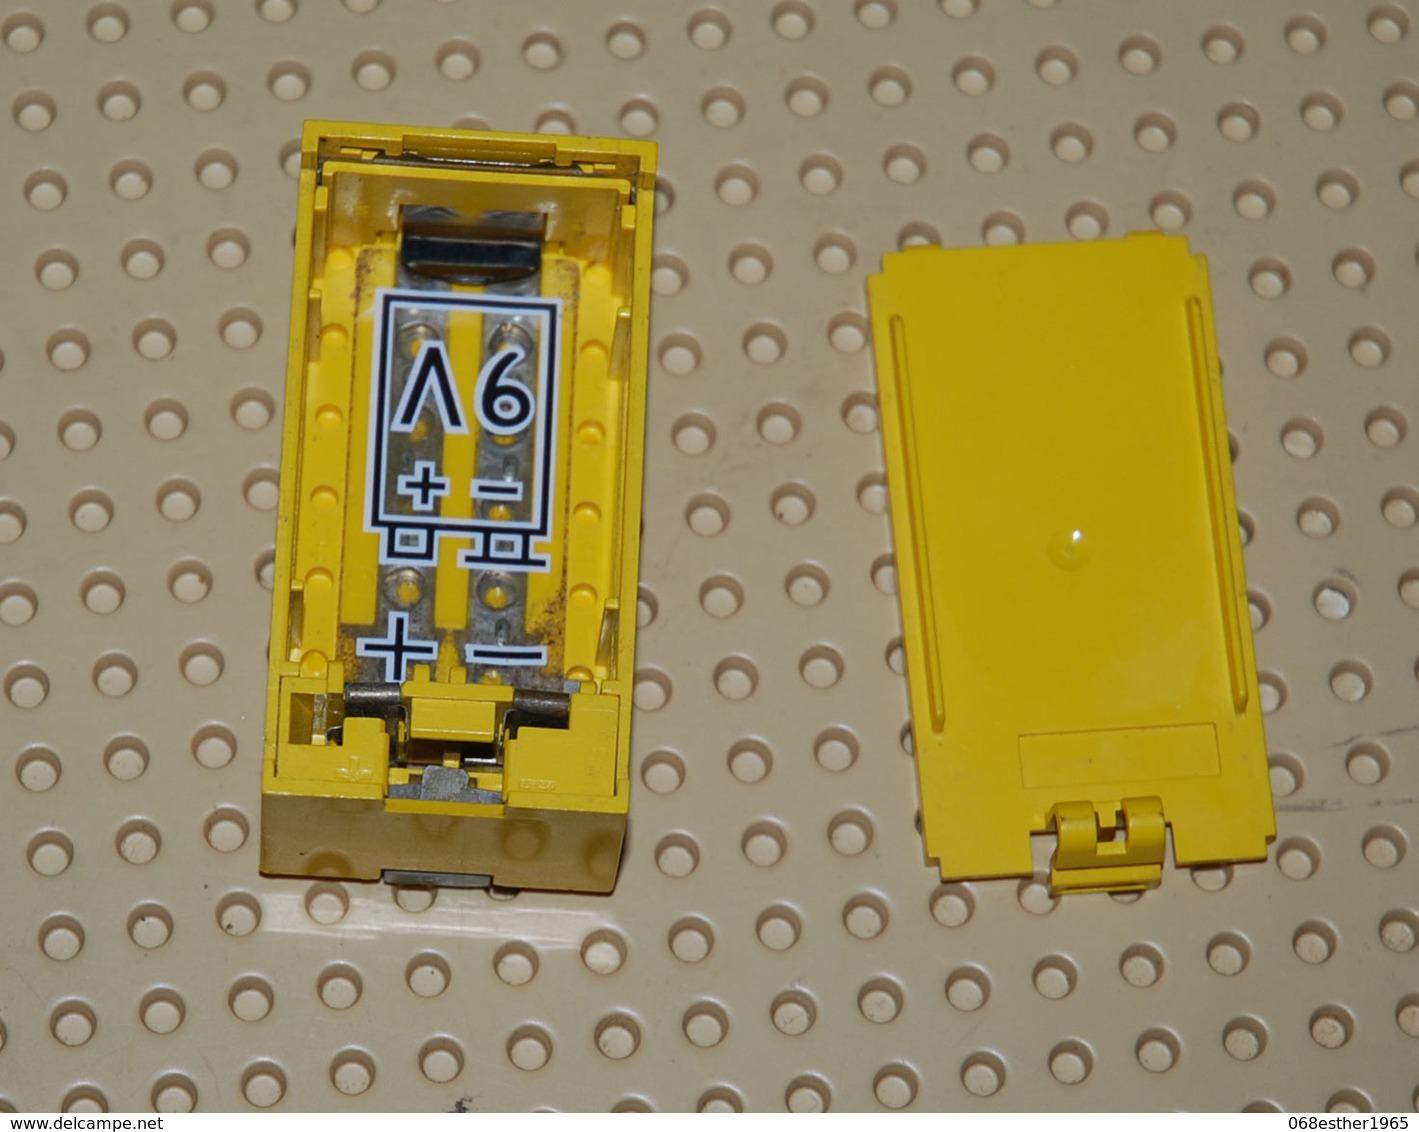 Lego Boitier électrique Pile Jaune Complète Avec Couvercle 9v 8 X 4 X 2.33 Ref 4760c01 (sans Pile) - Lego Technic